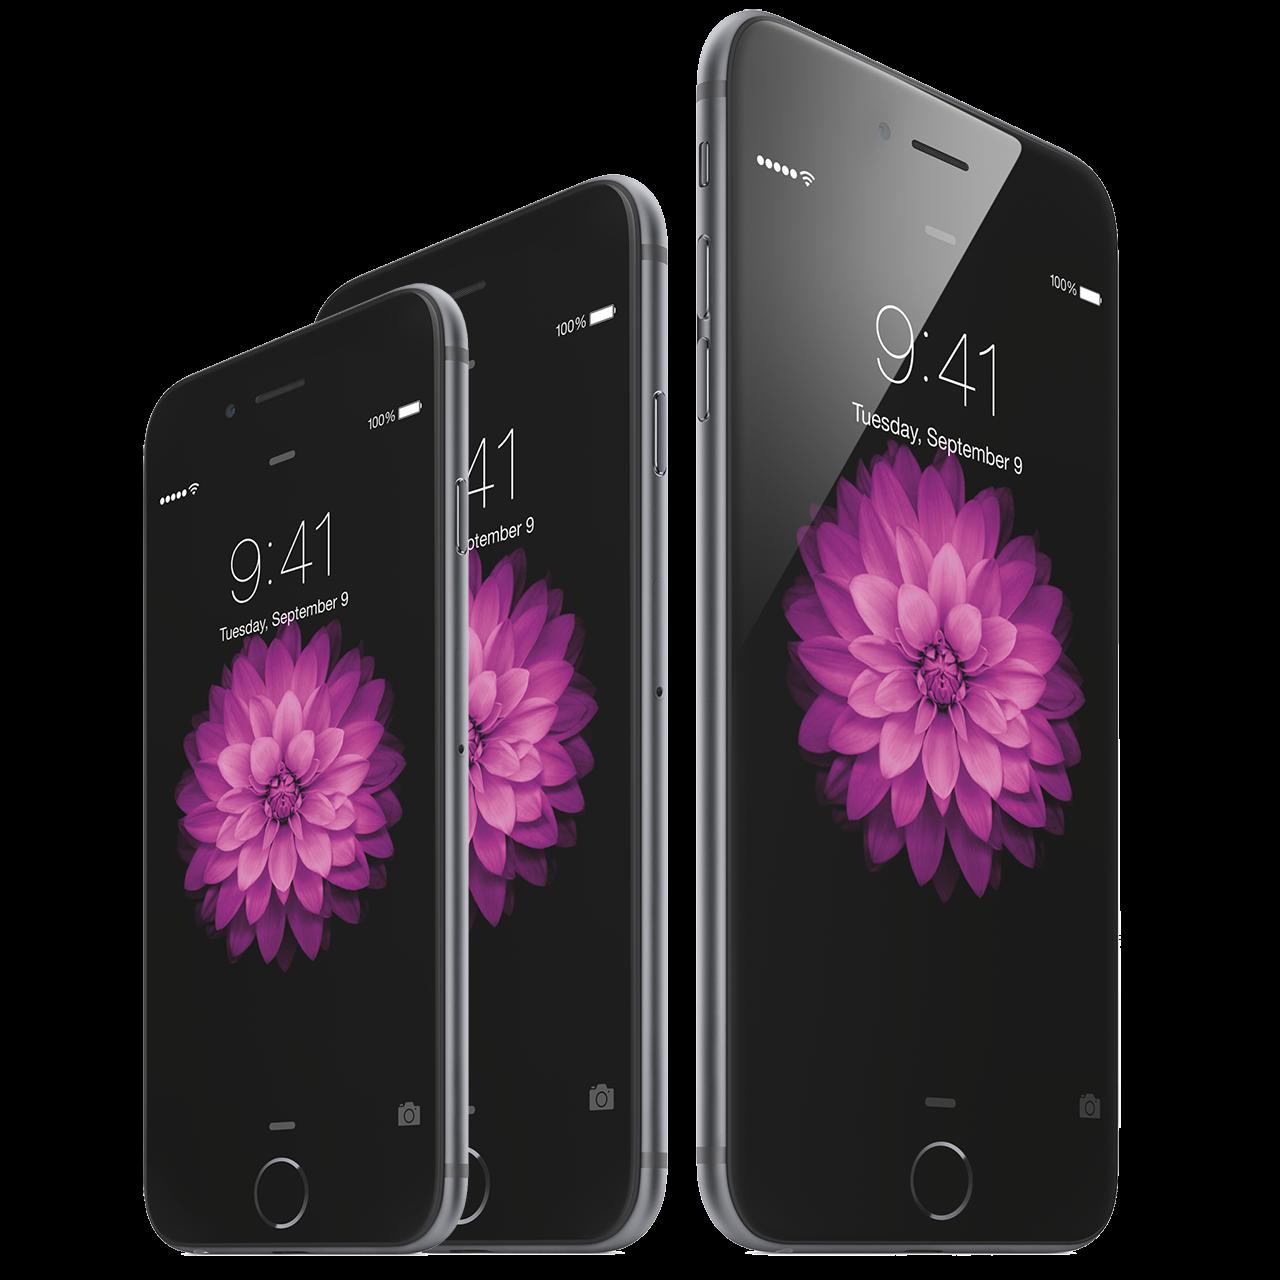 Слухи: бюджетный iPhone 6c покажут 9 сентября